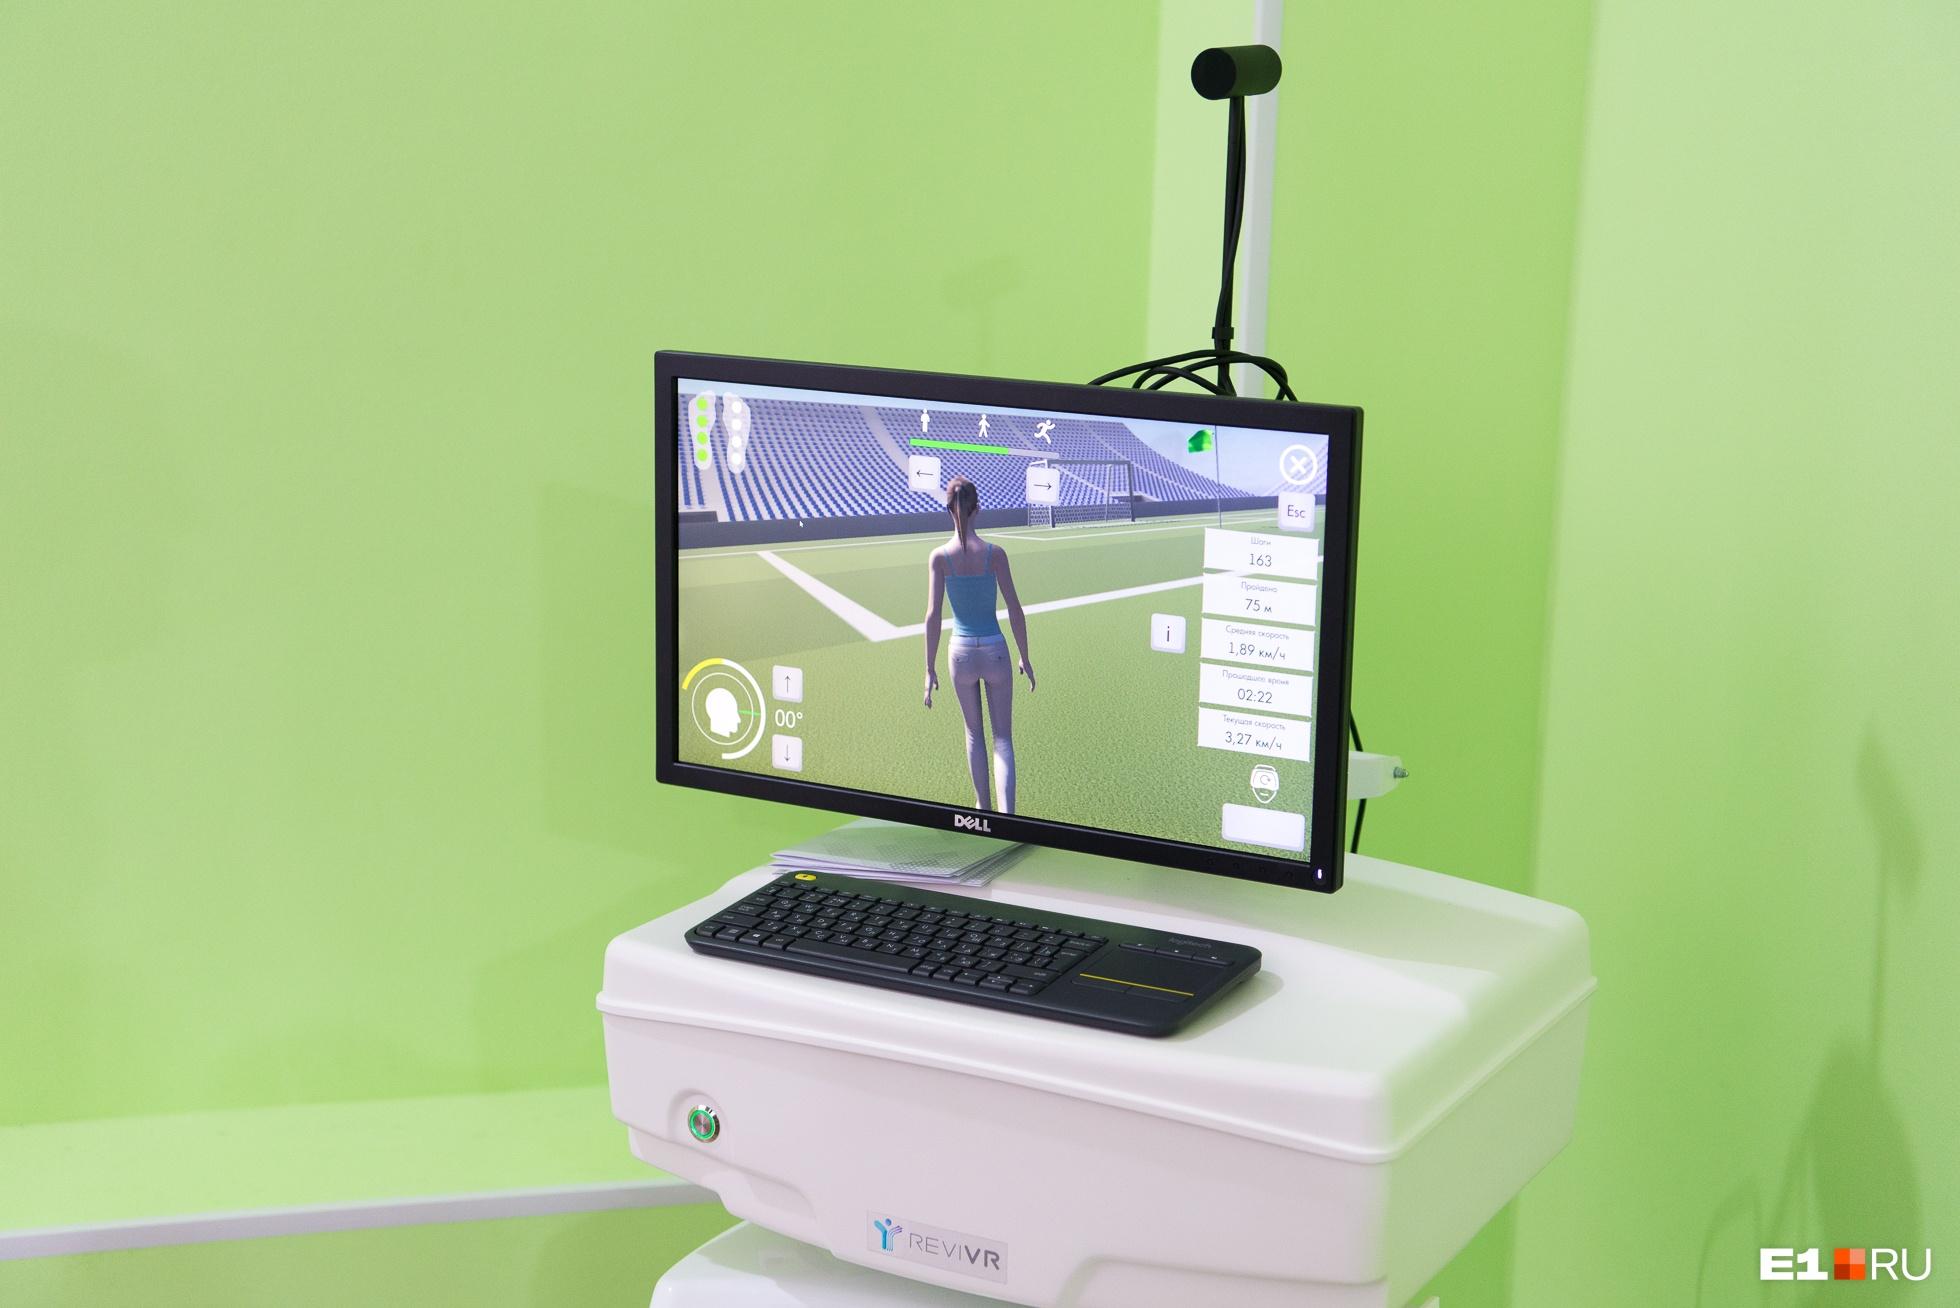 В виртуальной реальности, в которую попадает пациент на тренажере в больнице № 6, впереди пациента всегда идет девушка